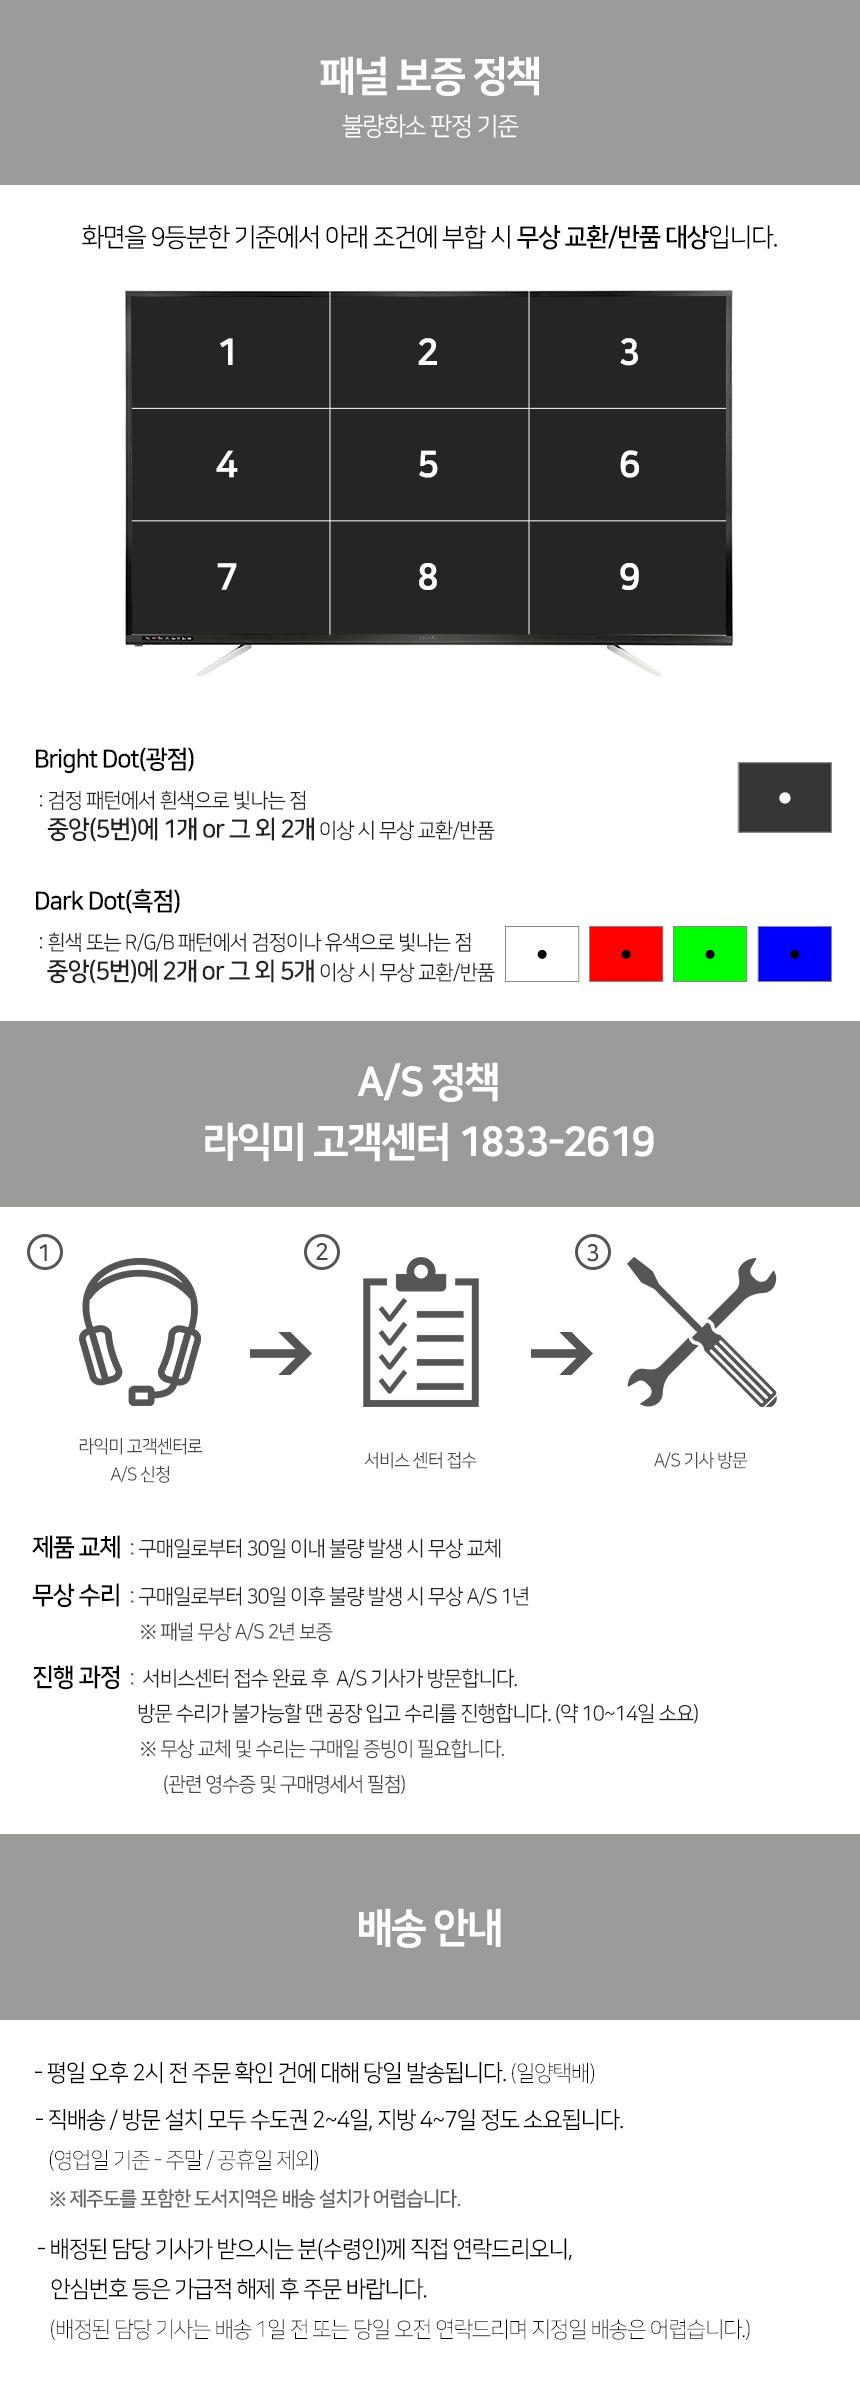 라익미 스마트 DS5801L 4K HDR 다이렉트TV (스탠드)